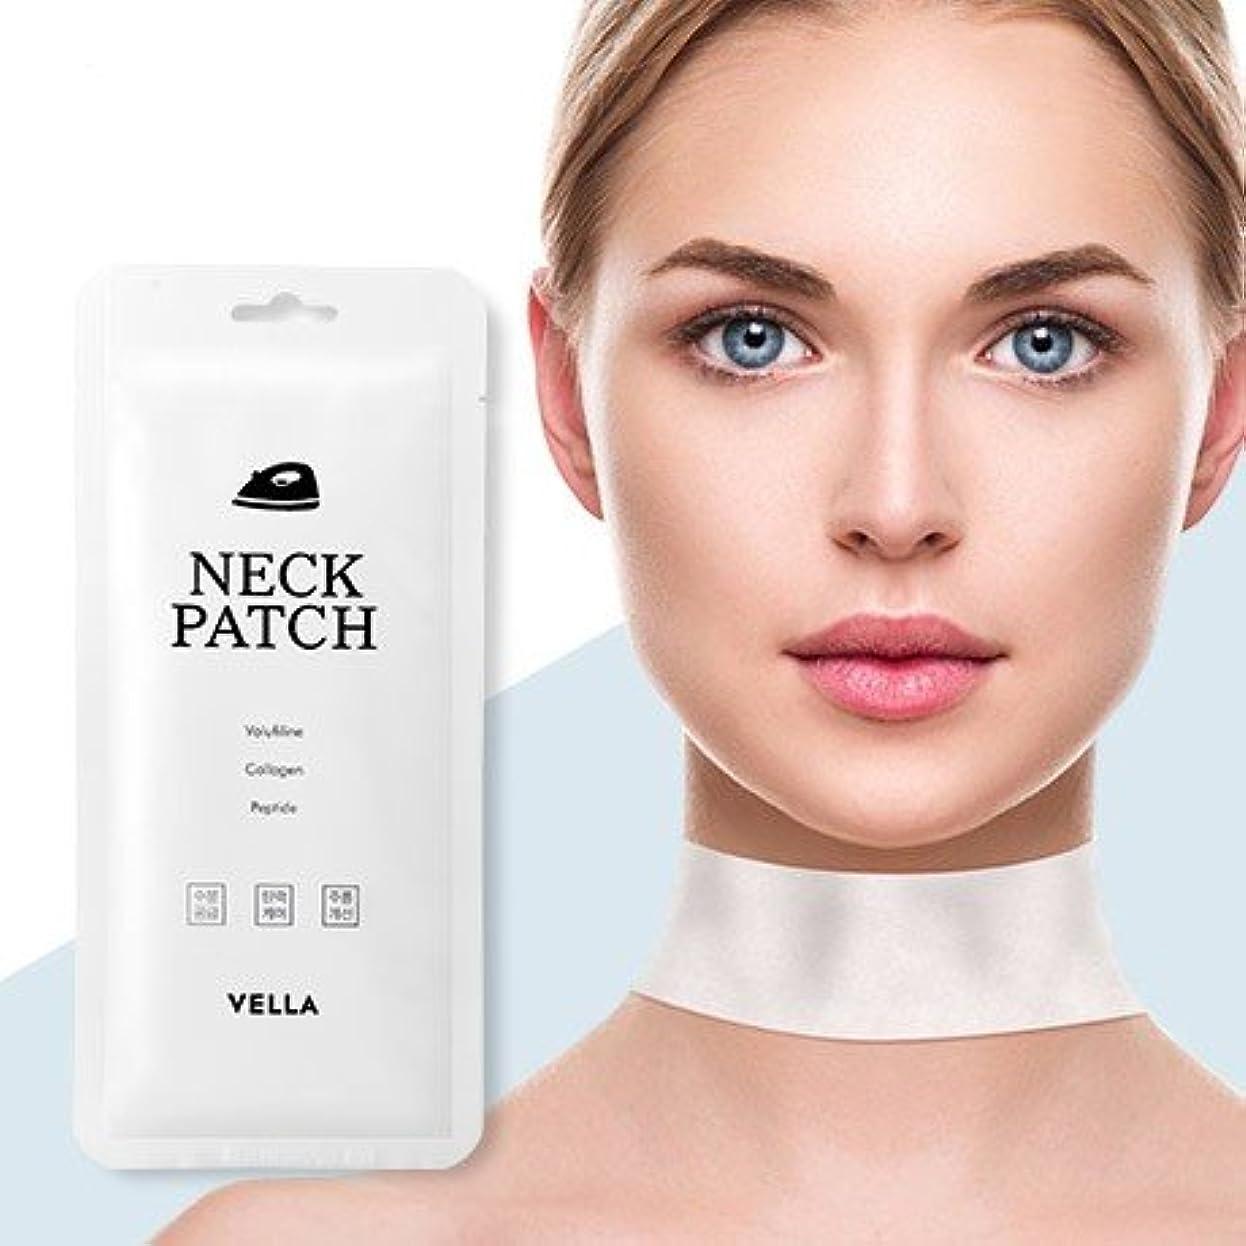 くそーゴミ哲学者Vella Neck Patch 5Pcs/Neck Wrinkle Care/Korea Cosmetics